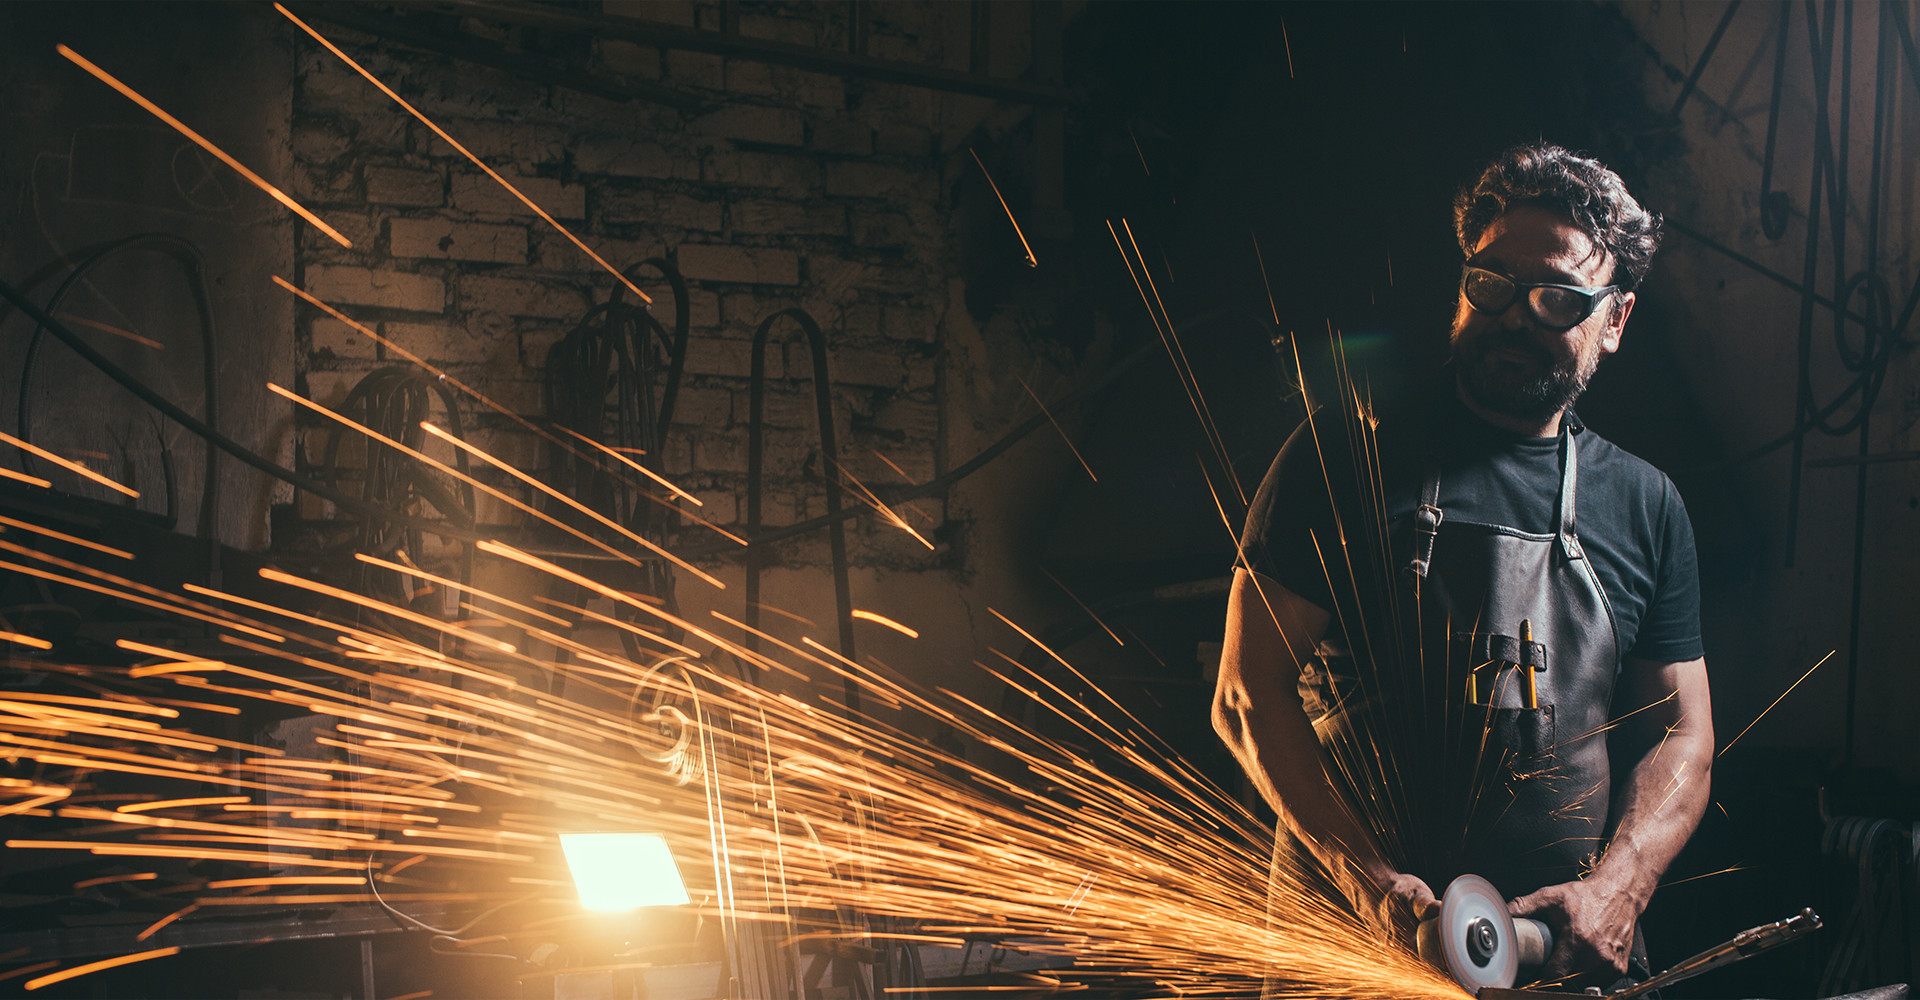 Fabricamos lo que tu negocio necesita en acero inoxidable en Merida Yucatan